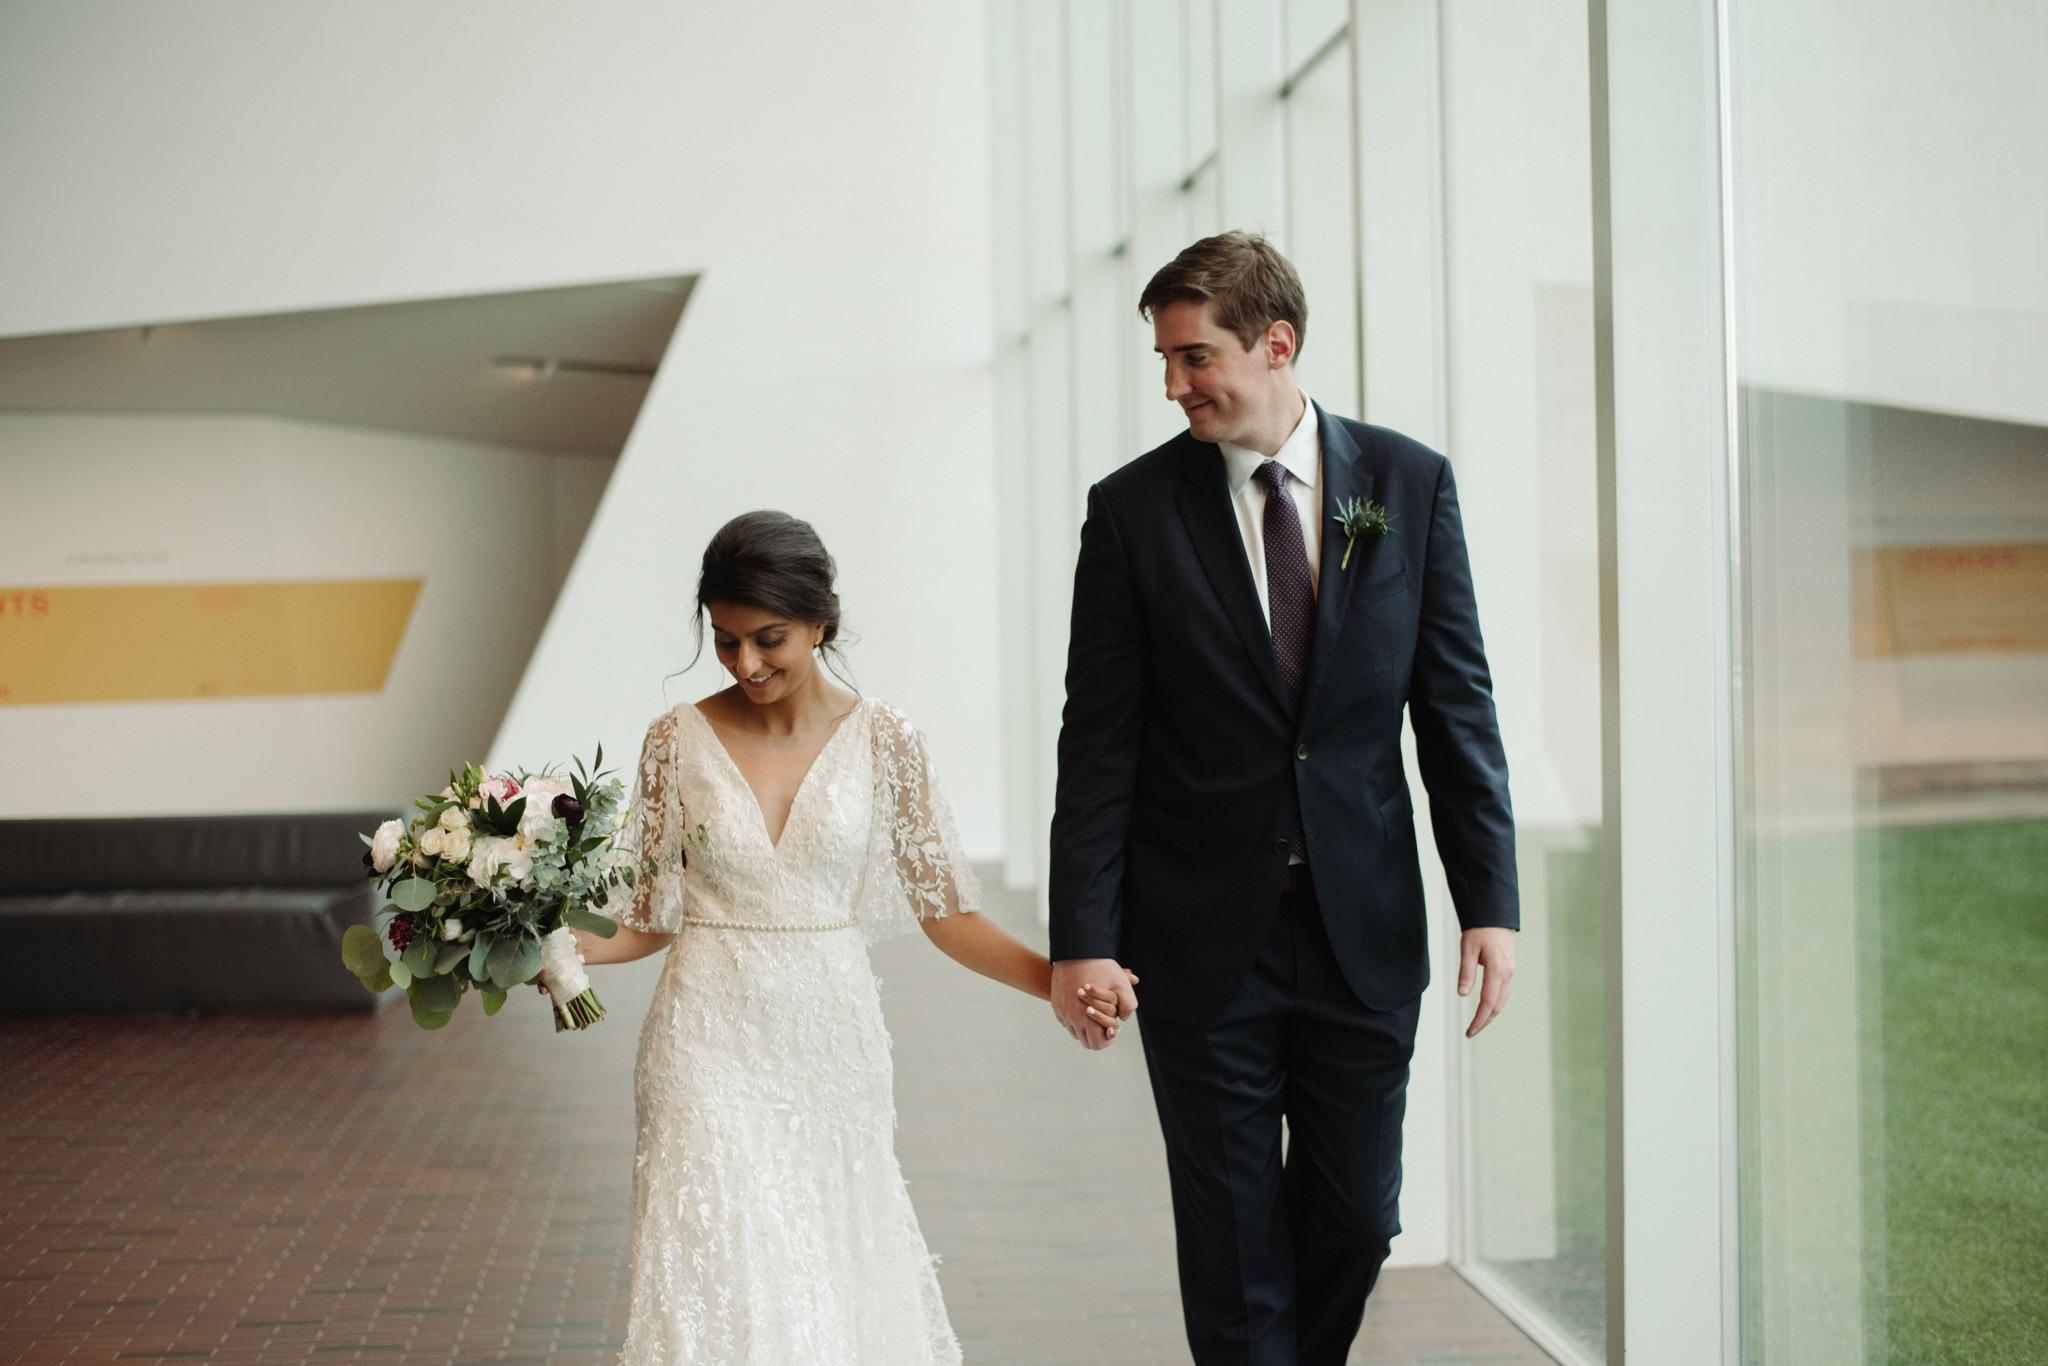 Bride and groom walking, bride has bouquet in her right hand walker art center wedding